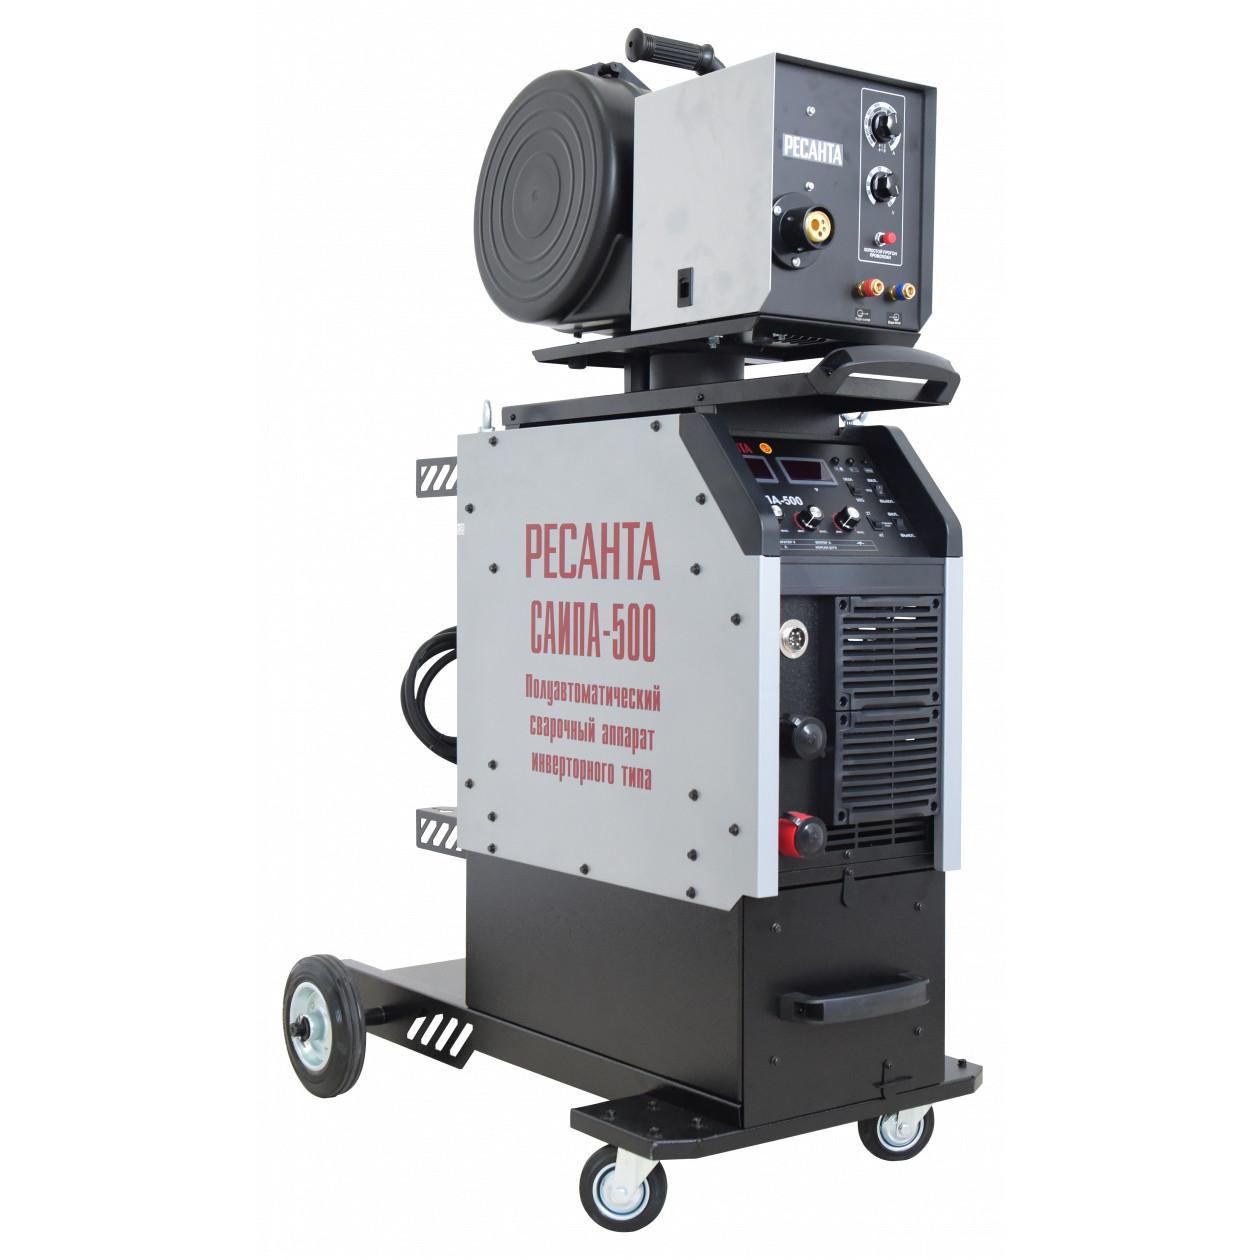 Сварочный аппарат САИПА-500 (MIG/MAG) Ресанта